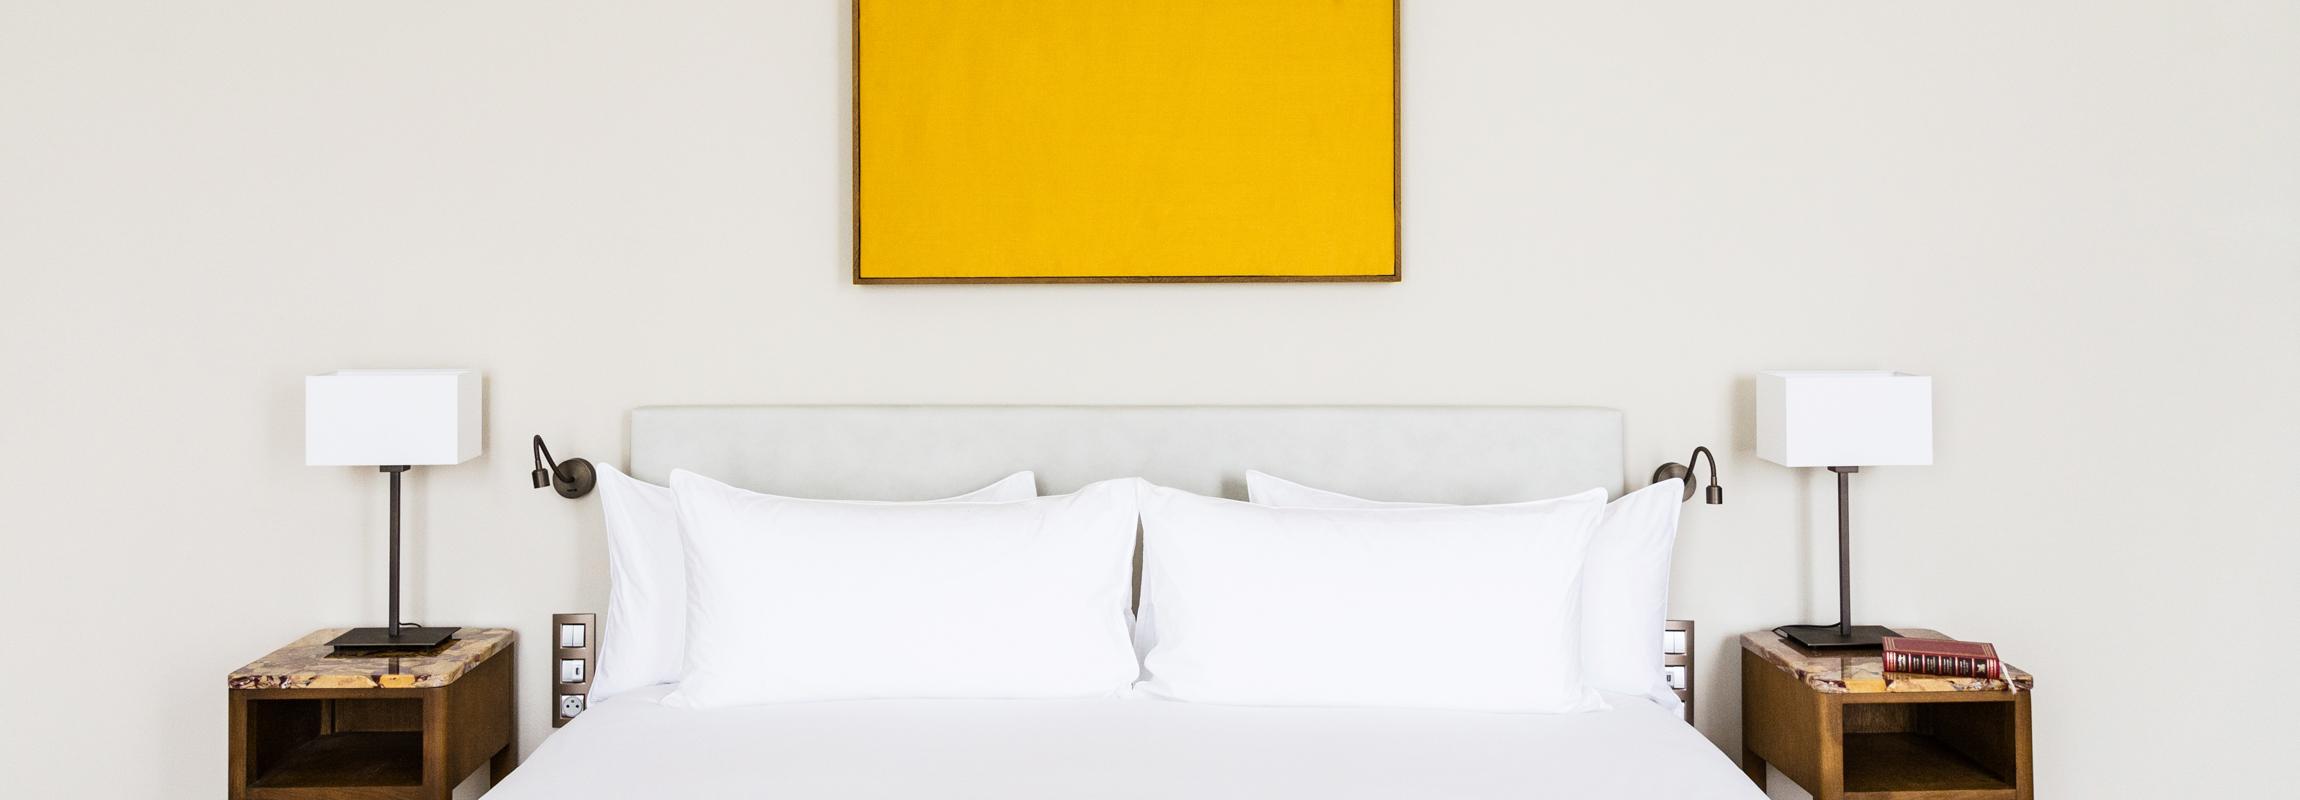 Die Betten im Hotel Château de Montcaud stehen unter einem Panel aus Seide, welches symbolisch an den Ursprung des Schlosses erinnern soll: Träume aus Seide sollen Ihre Nächte in der Provence, Südfrankreich begleiten.